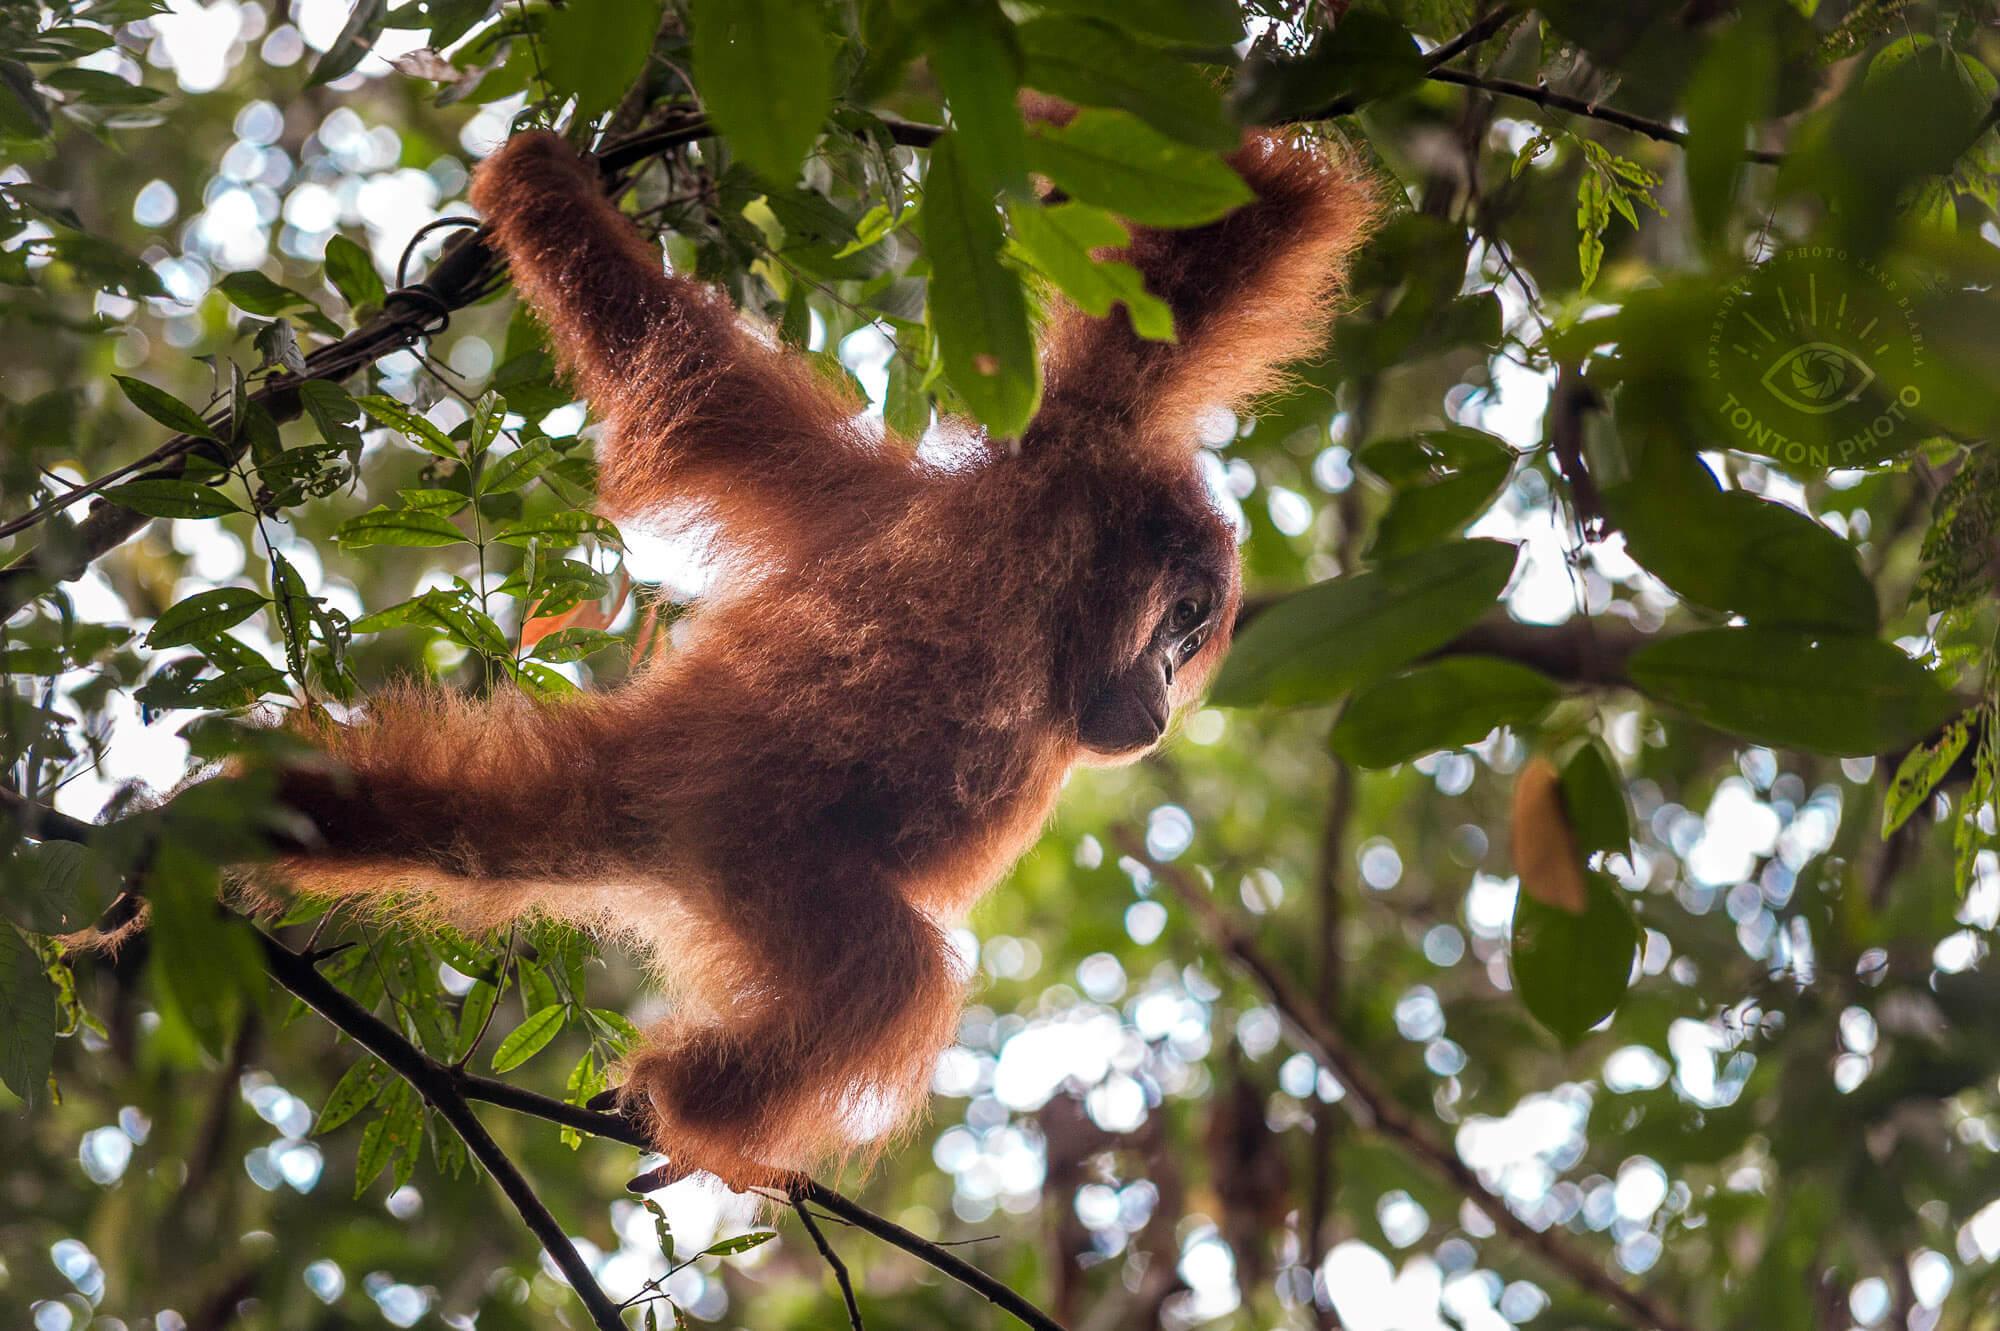 Jeune orang-outan jouant d'une branche à l'autre. Bukit Lawang, Sumatra, Indonésie © Clément Racineux / Tonton Photo